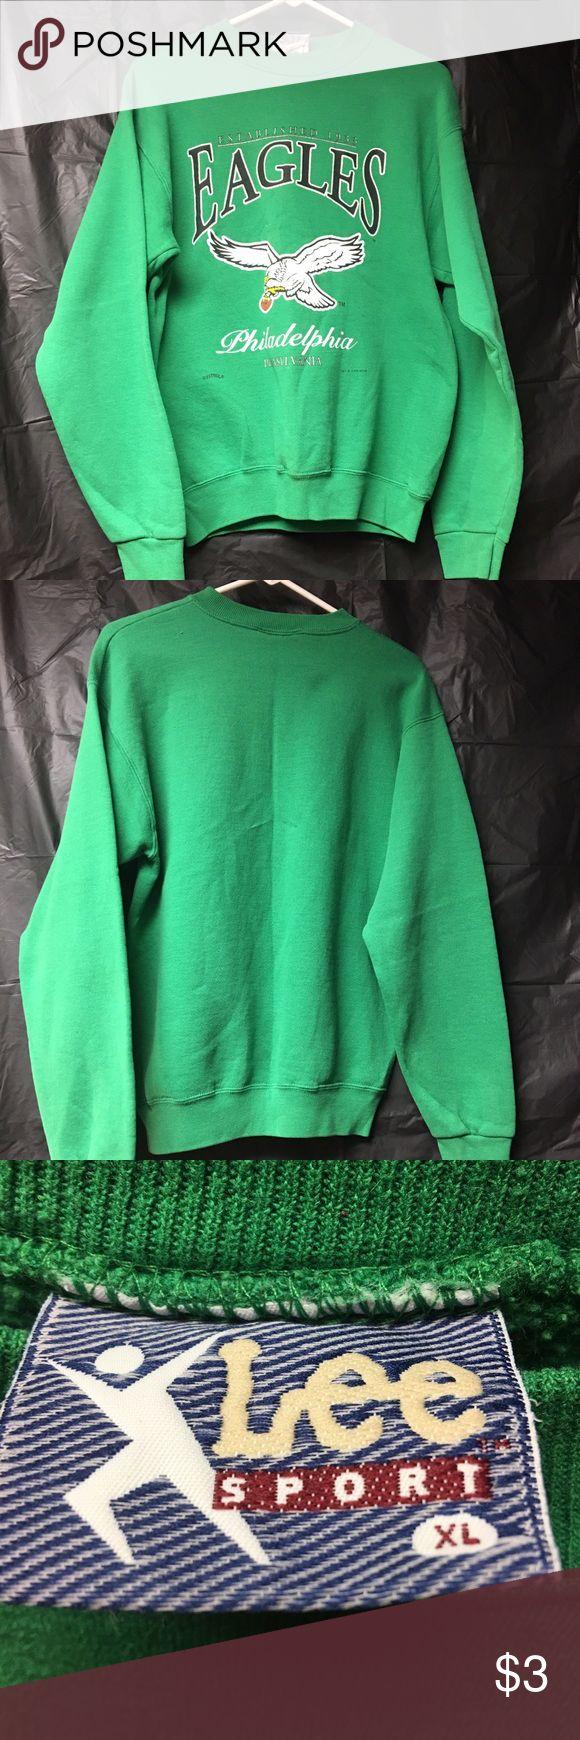 Reserved for Justin💥Trade Do Not Buy💥 Trading Vintage Lee Philadelphia Eagles Sweatshirt for Jabari Parker Jersey. Lee Other